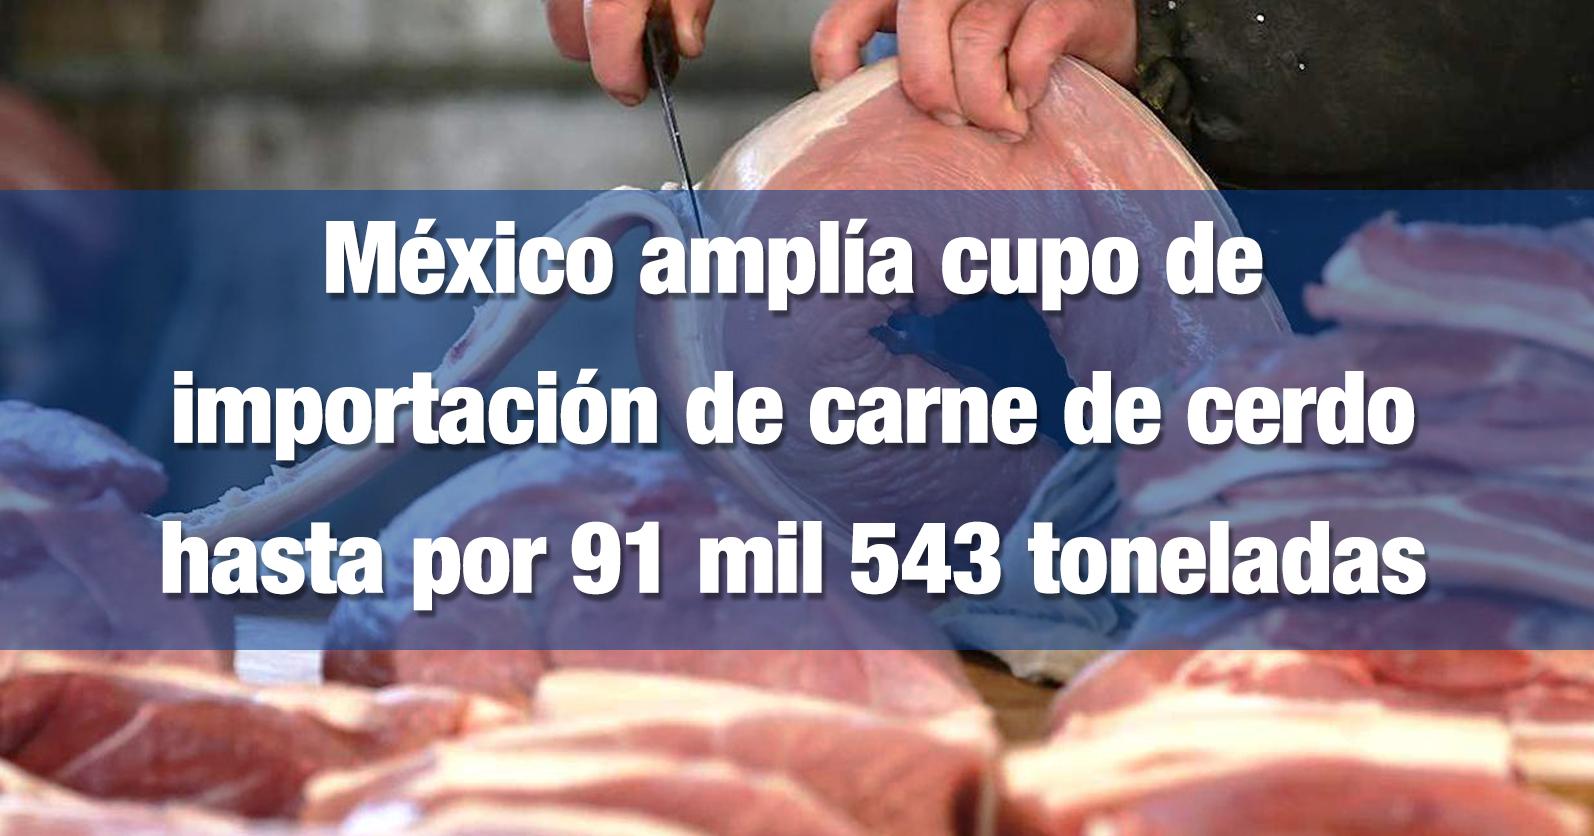 México amplía cupo de importación de carne de cerdo hasta por 91 mil 543 toneladas